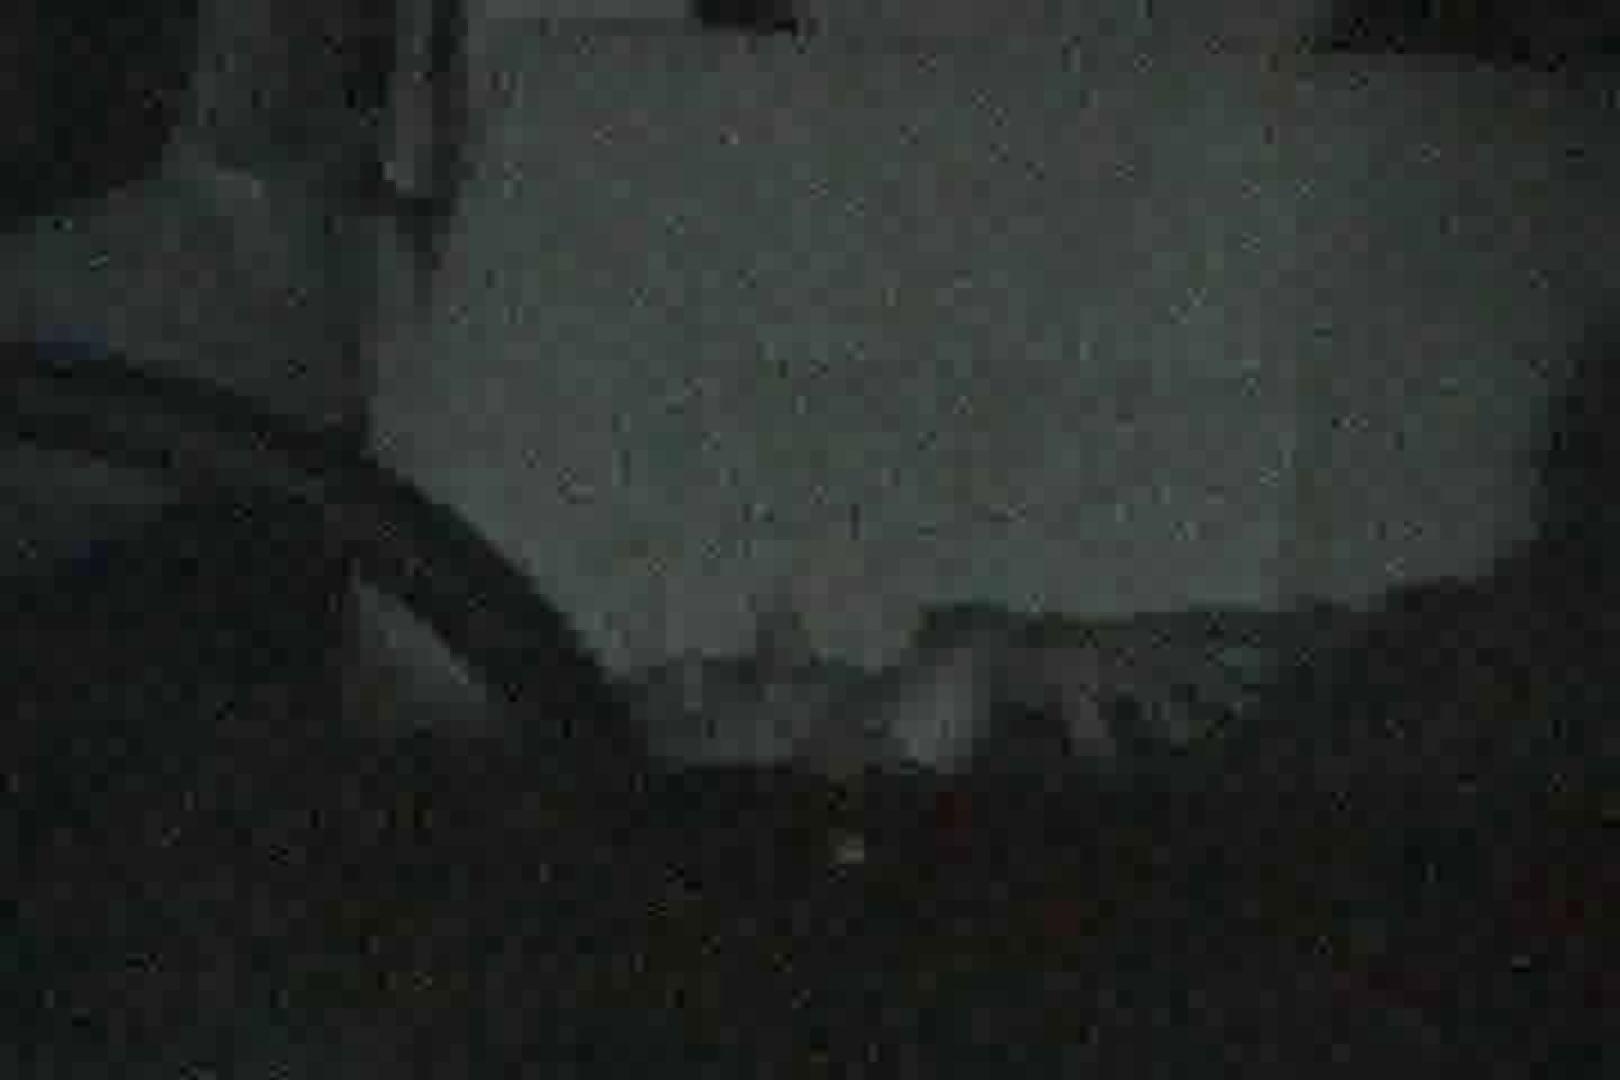 充血監督の深夜の運動会Vol.2 素人  61pic 4